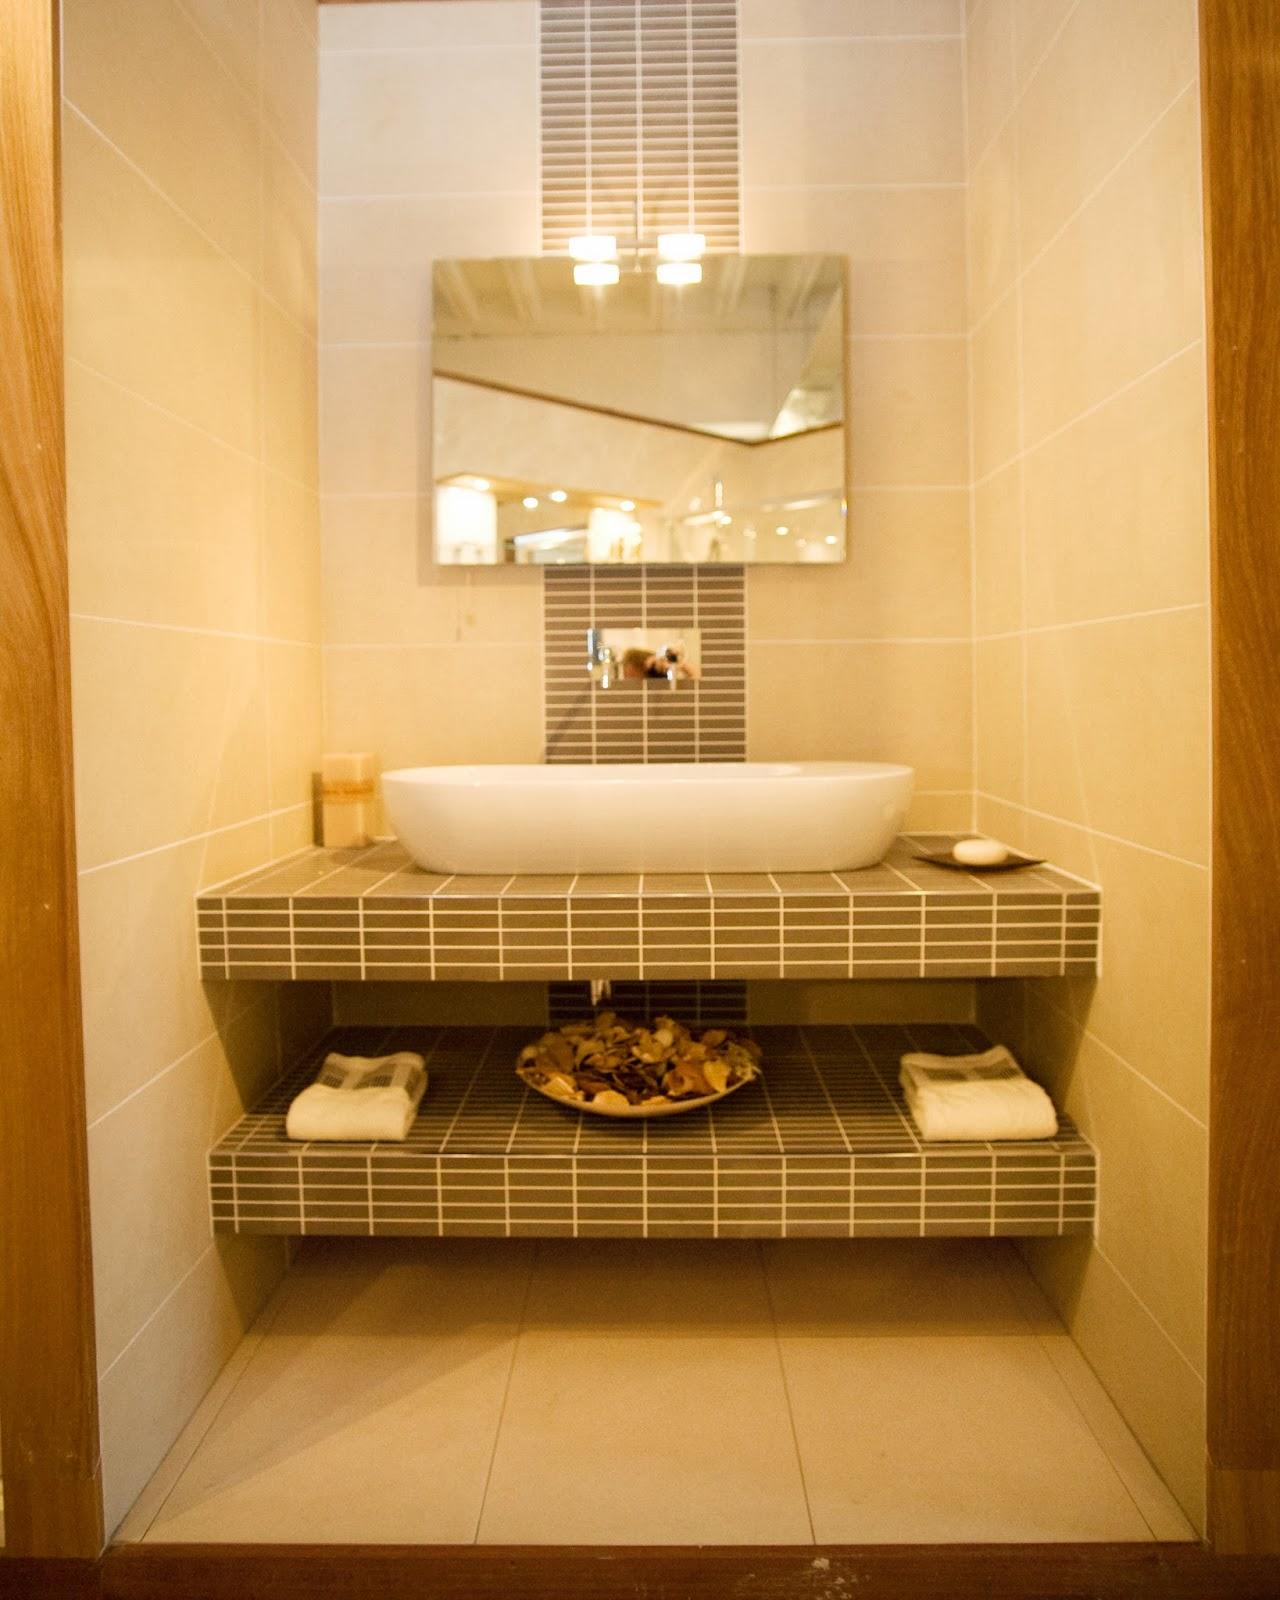 bathroom showrooms maryland  bathroom contractors frederick md. Bathroom Remodeling Frederick Md gallery   A1houston com